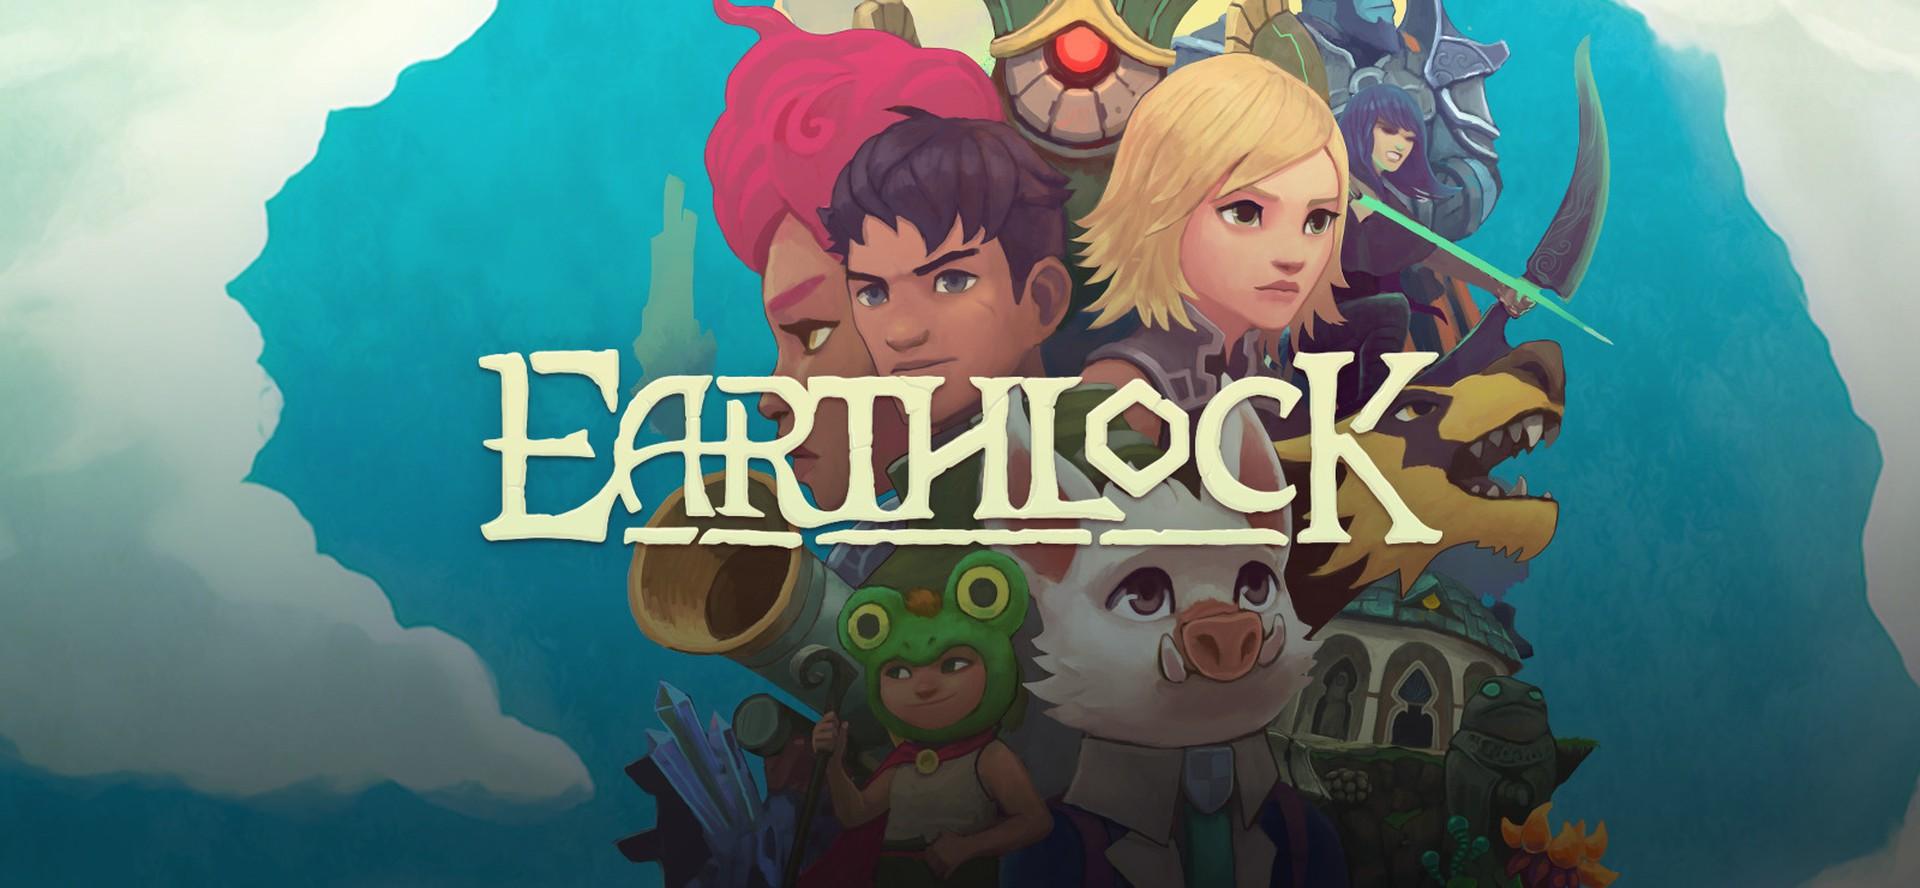 EARTHLOCK